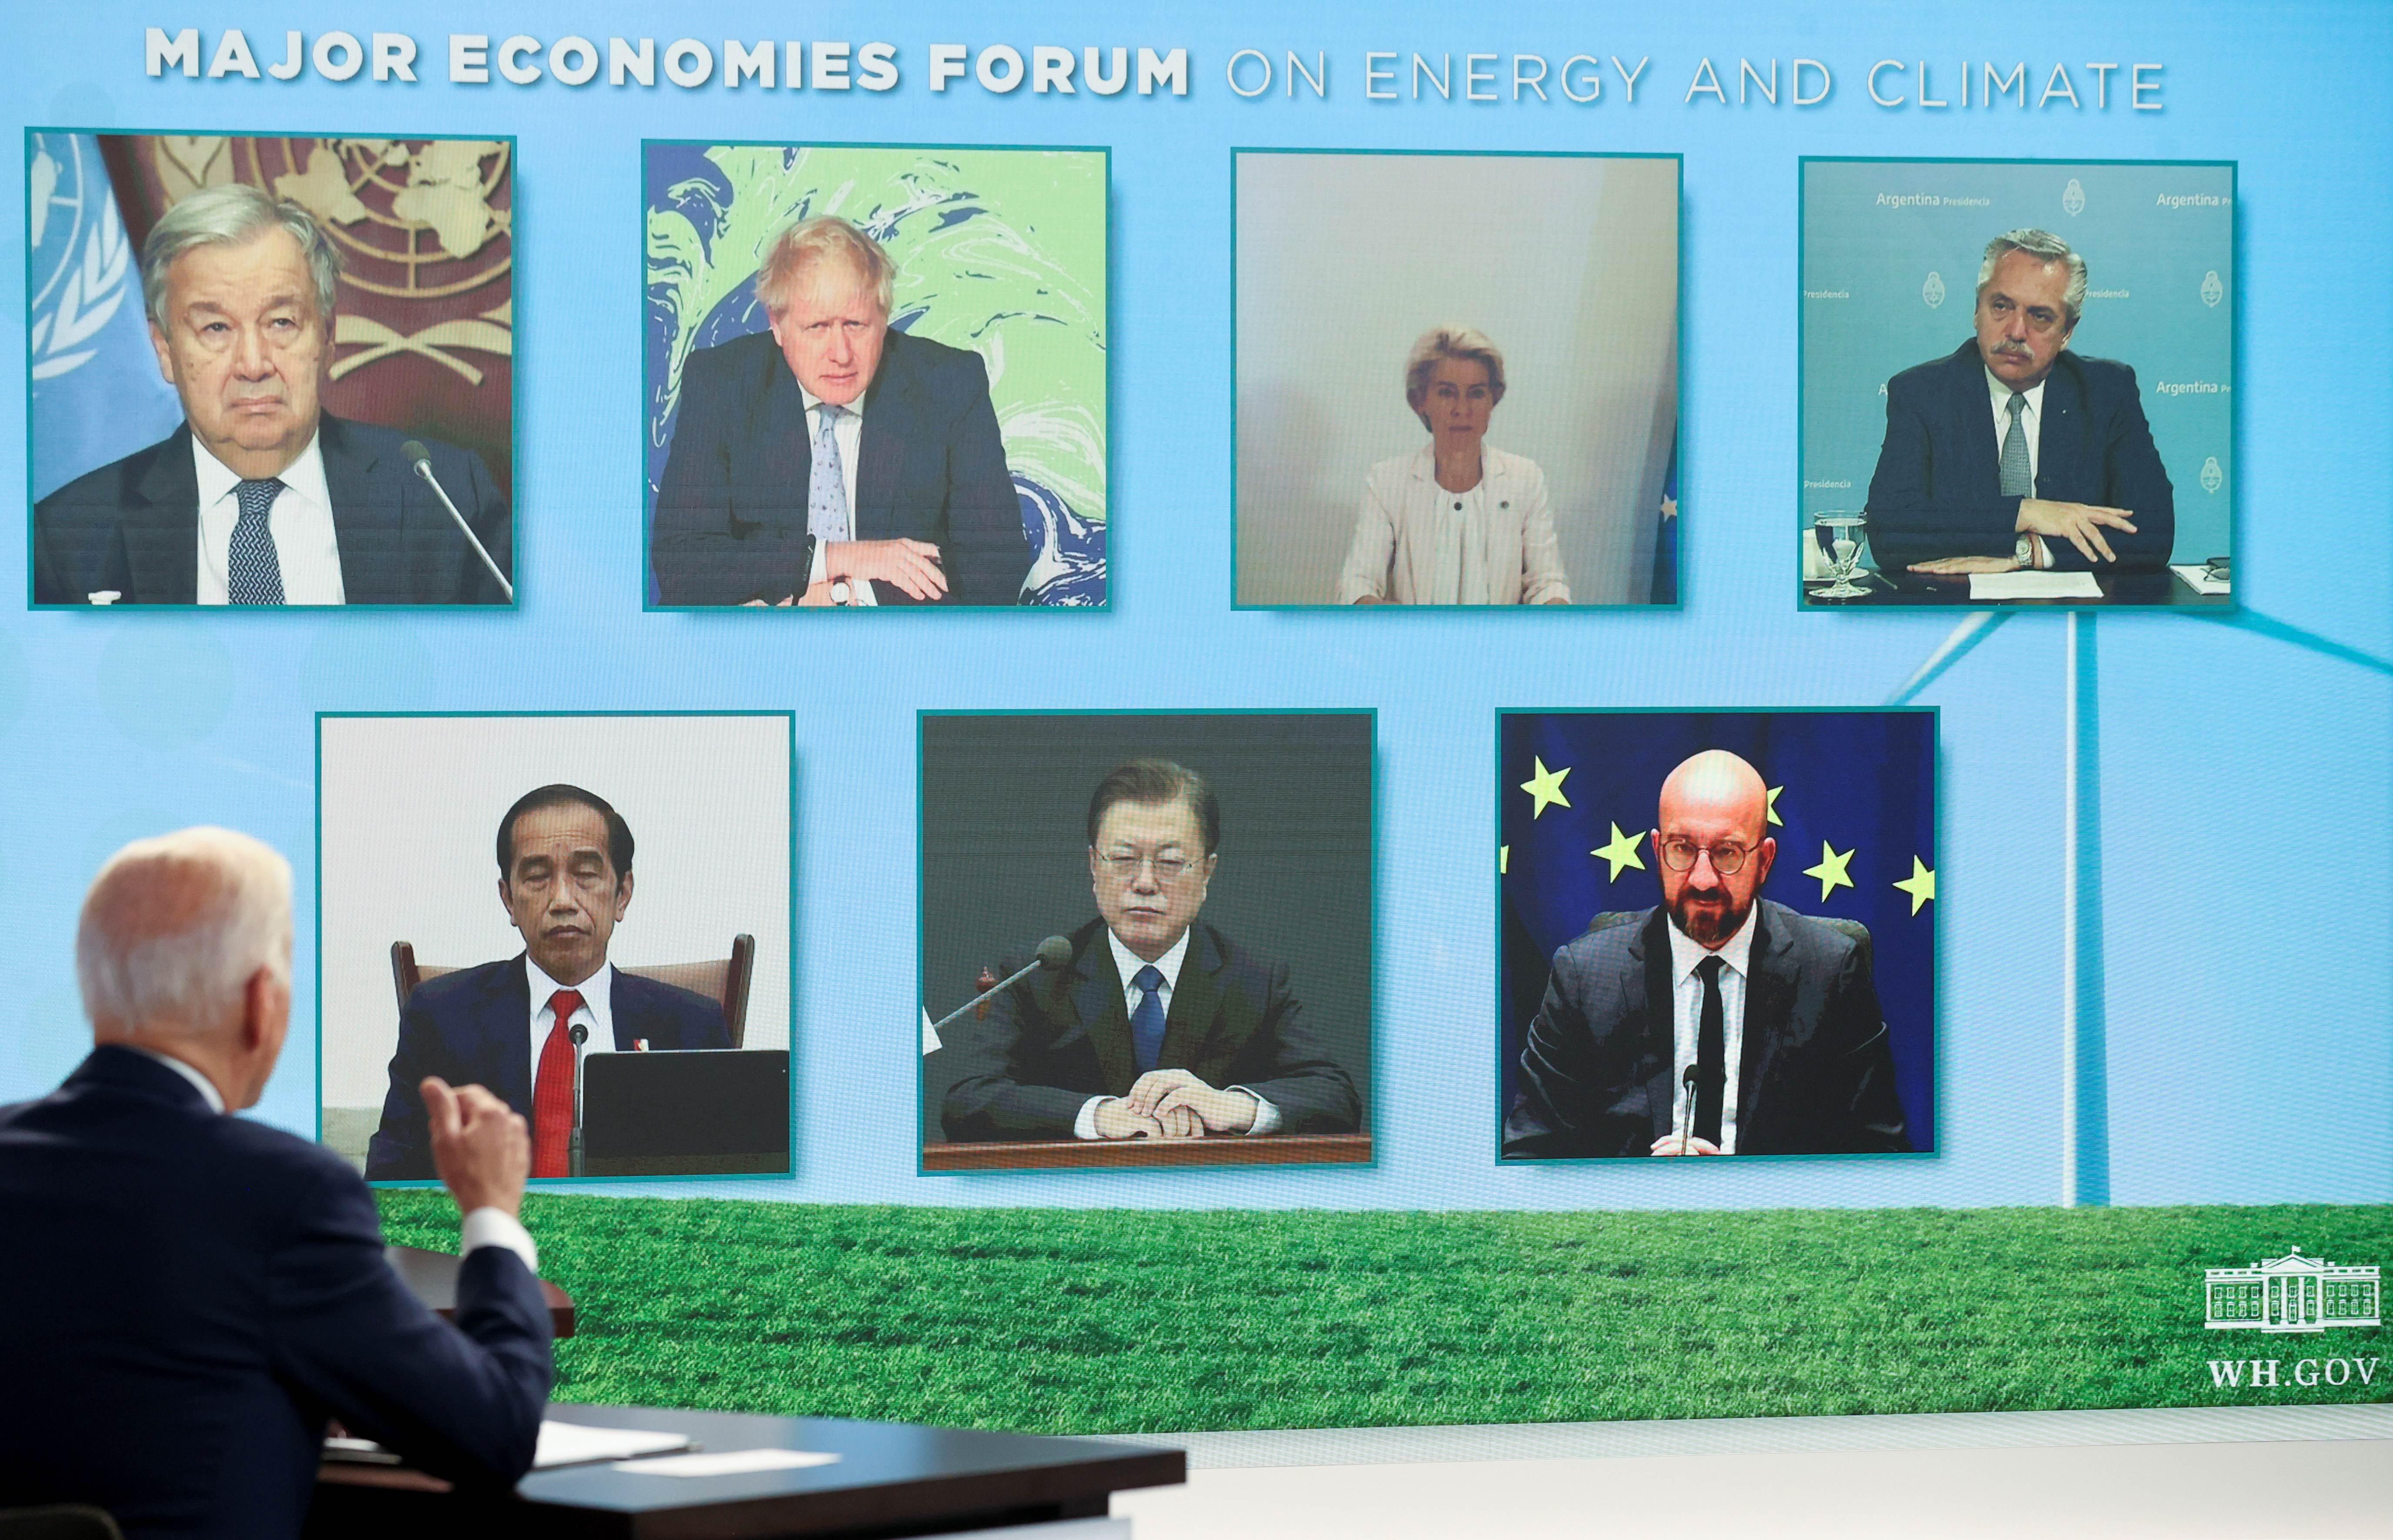 Joe Biden em encontro virtual com vários líderes mundiais para discutir energia e clima